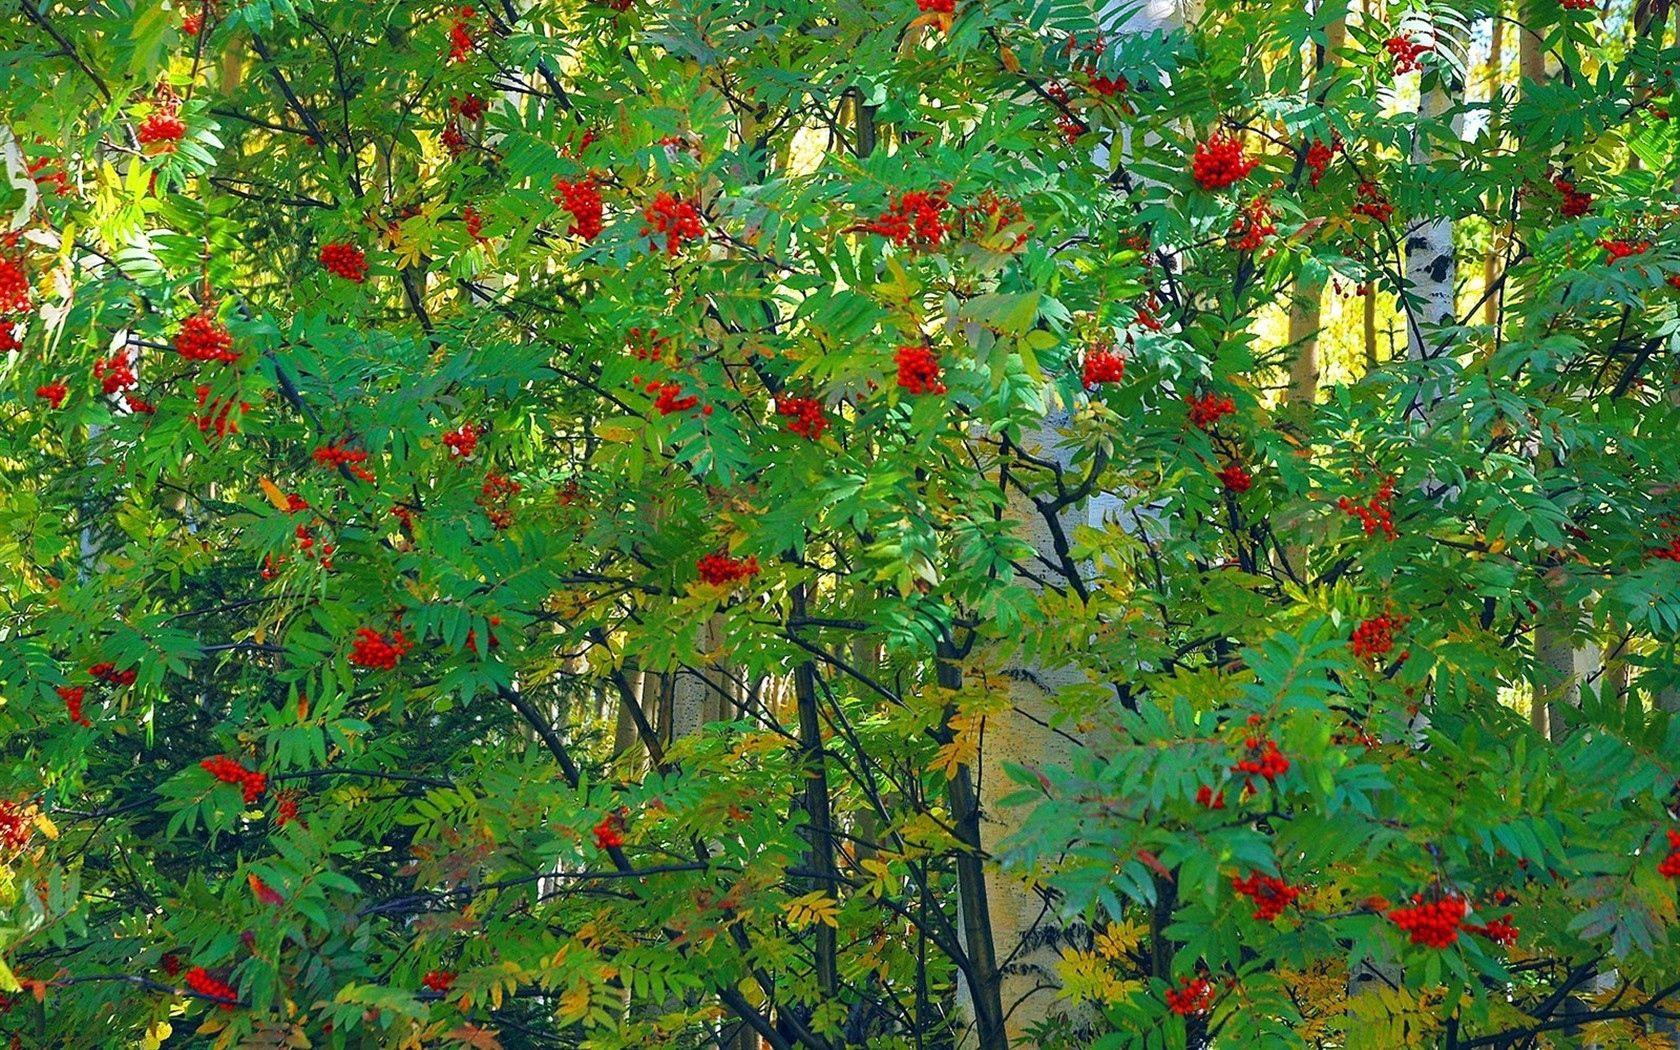 150971 скачать обои Рябина, Природа, Осень, Листья, Дерево, Ягода, Плоды - заставки и картинки бесплатно